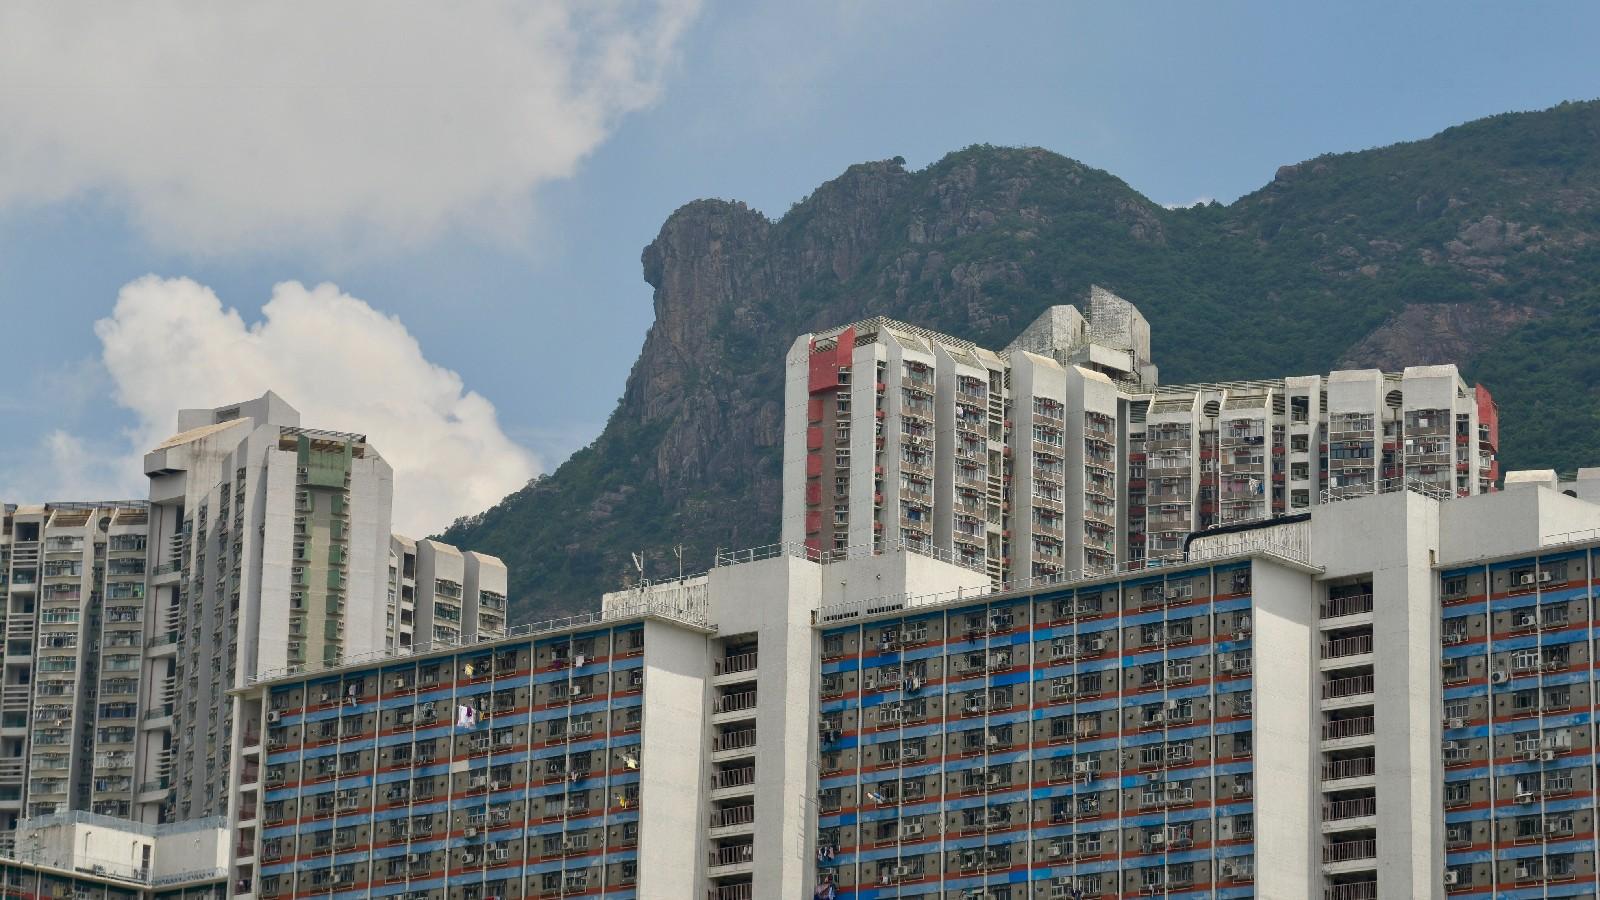 公屋申請逾15萬宗, 平均輪候近6年, 人均居住面積增至145呎, 租金加幅超過私樓, HKBT, 香港財經時報